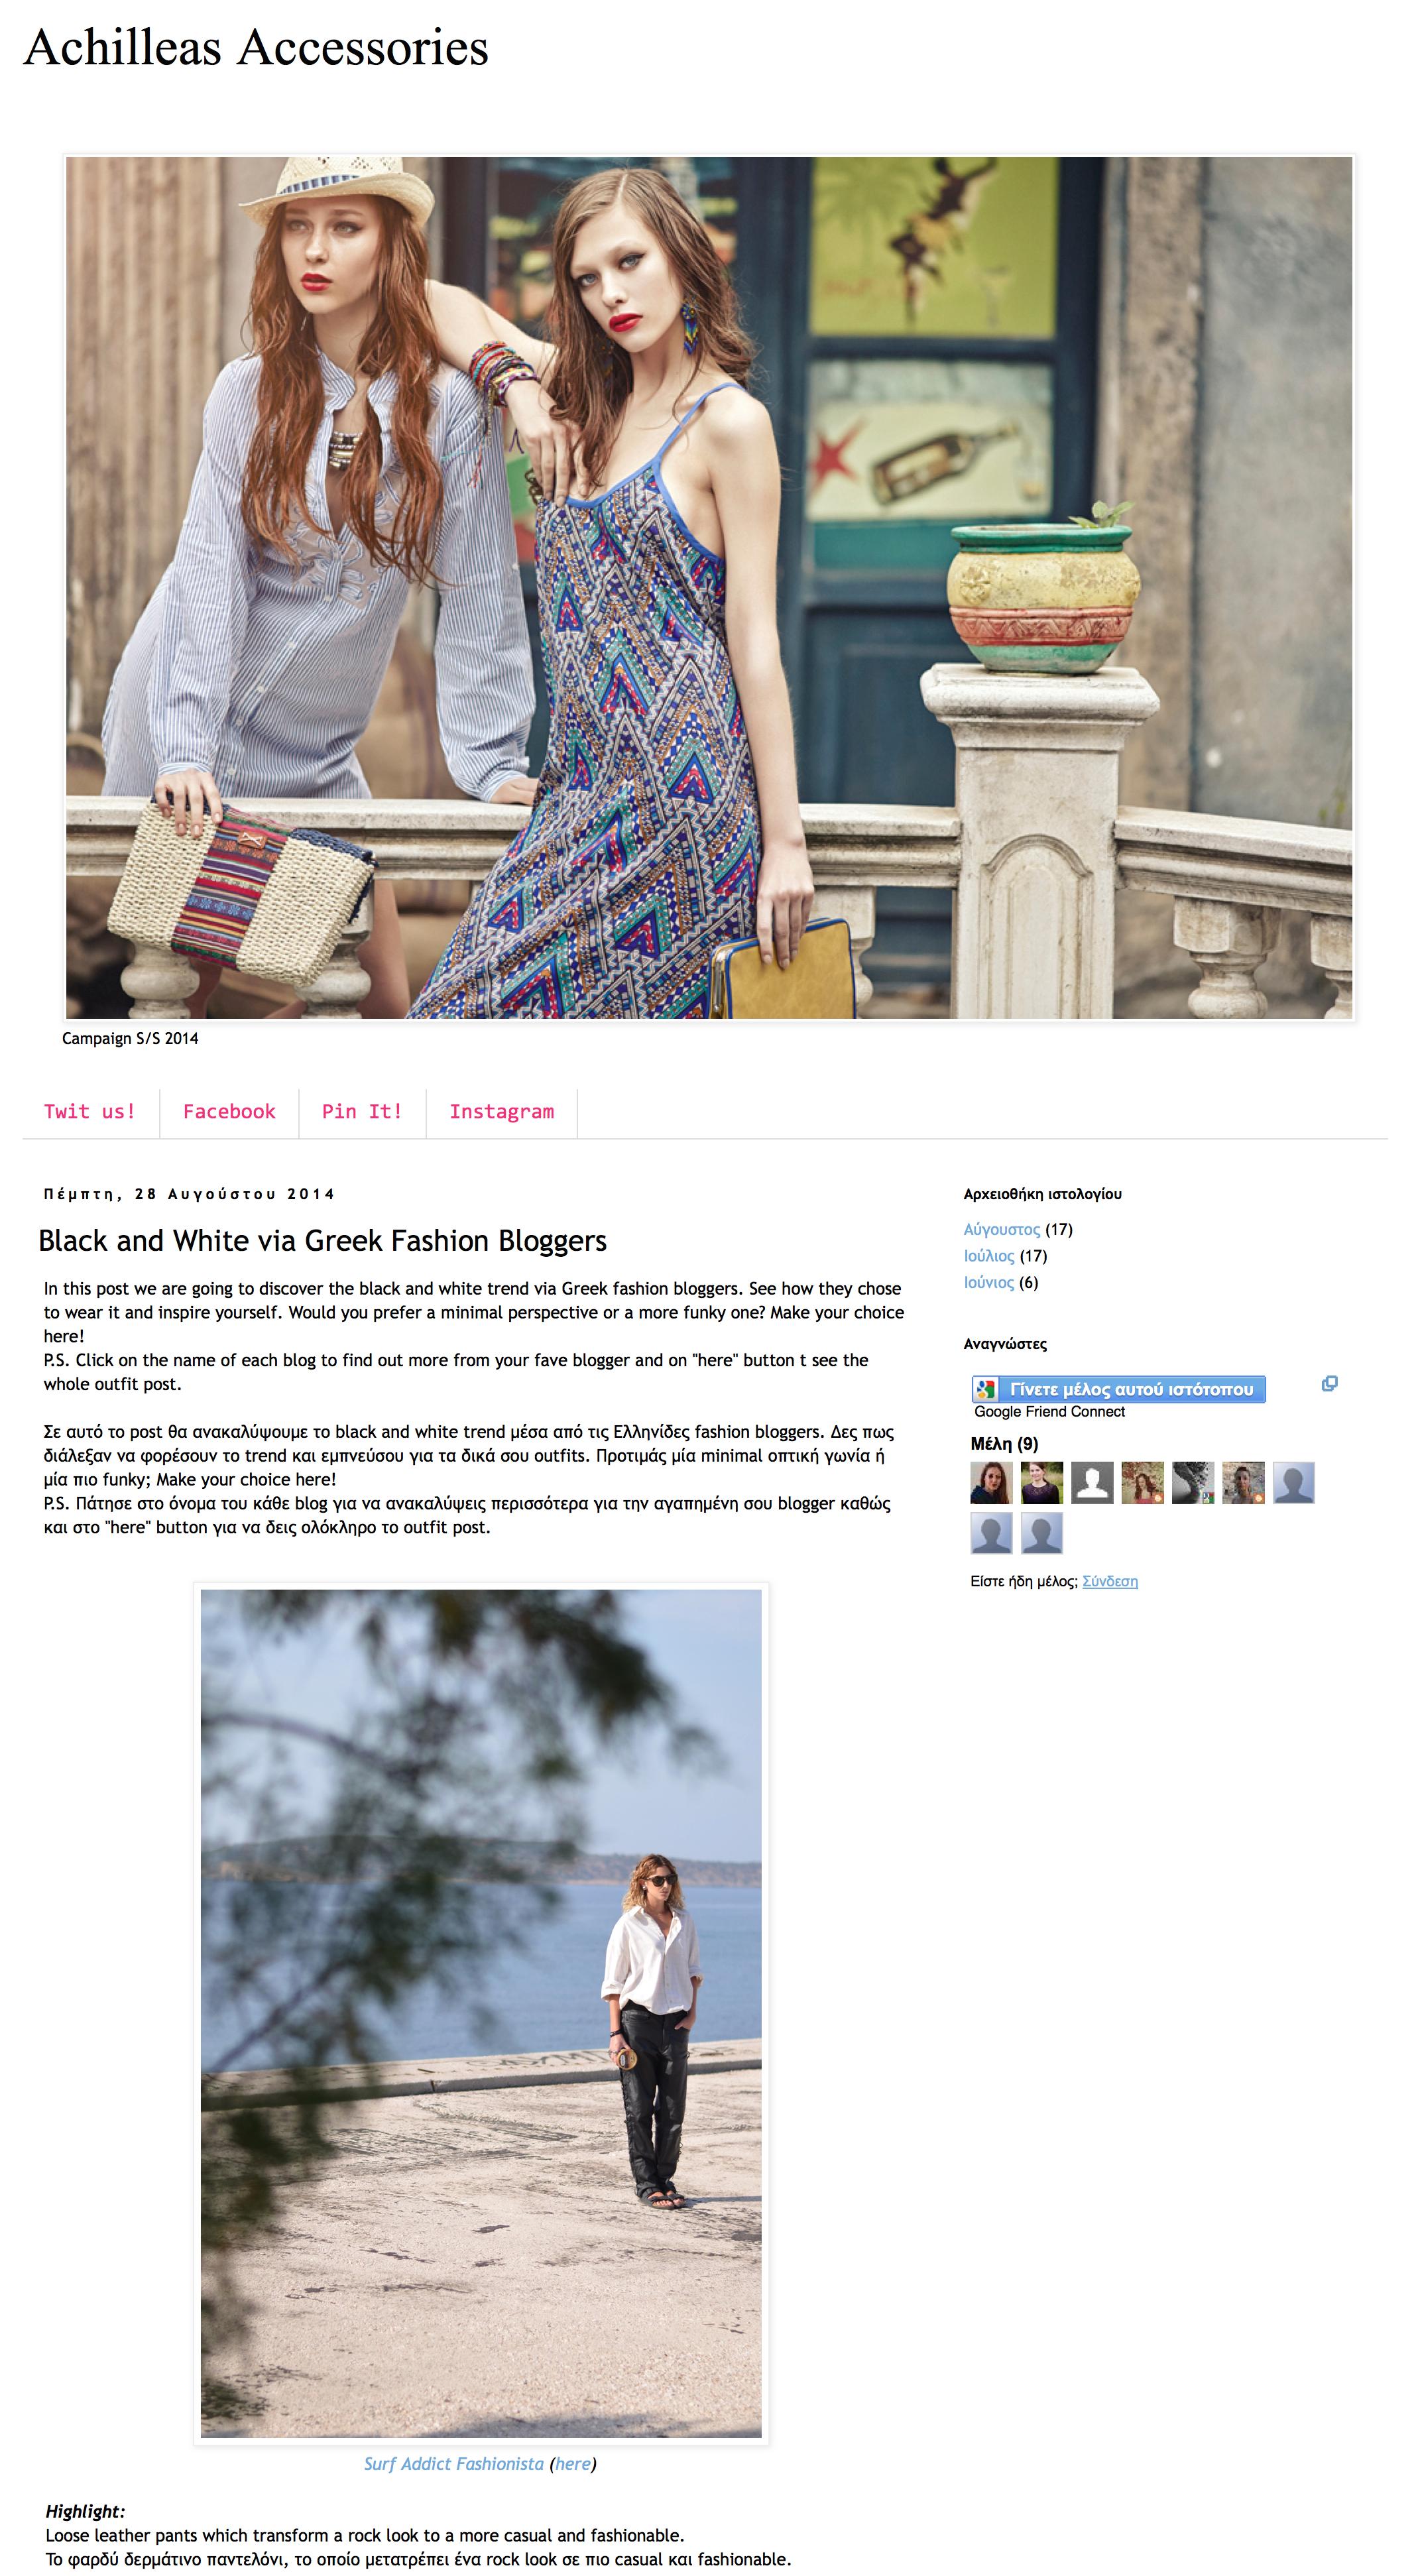 Achilleas Accessories blog    August 2014